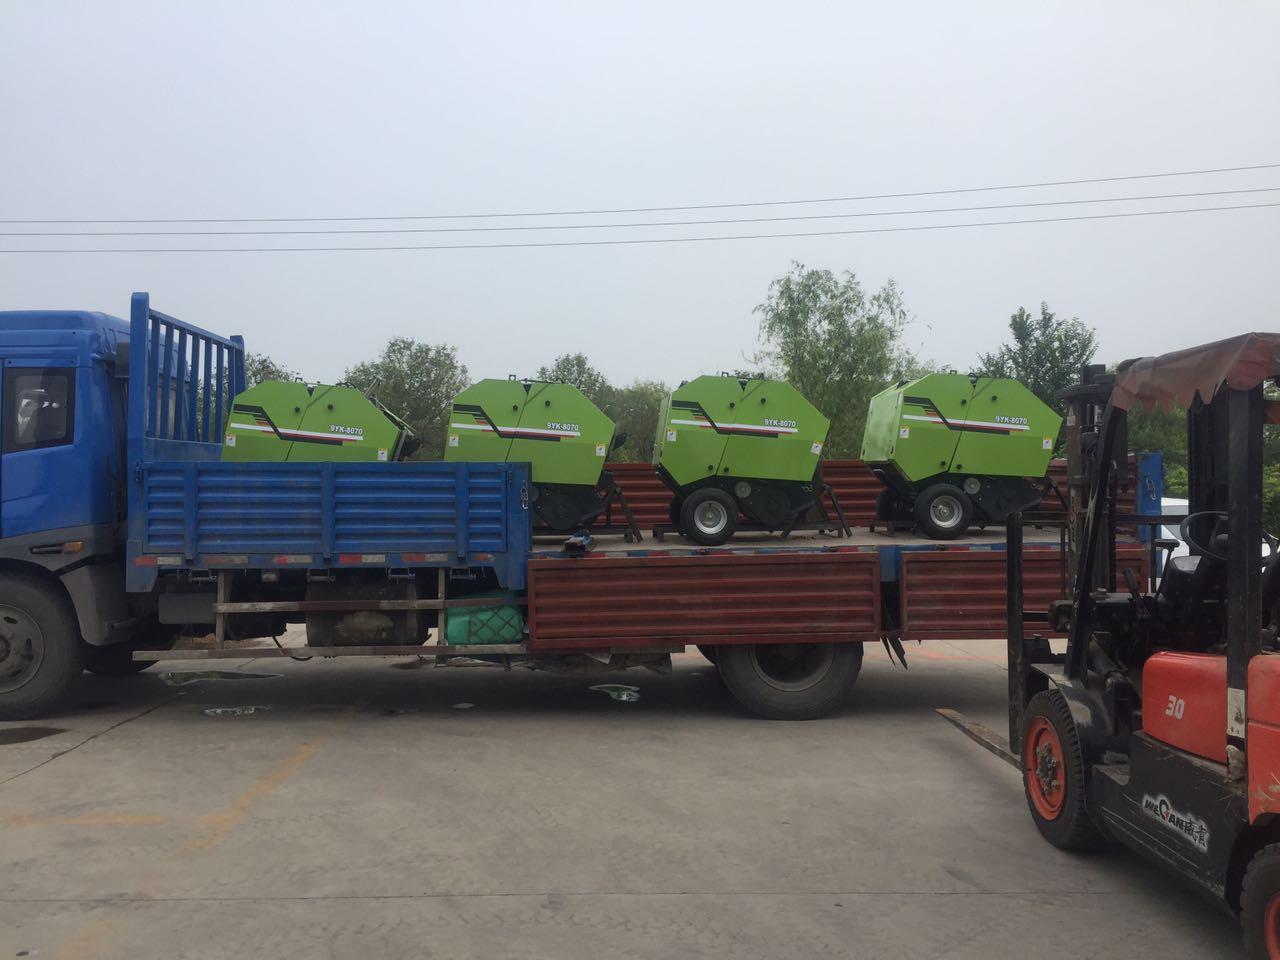 8070型秸秆捡拾打捆机 玉米收割机秸秆打捆机价格-- 曲阜鑫联重工机械制造有限公司